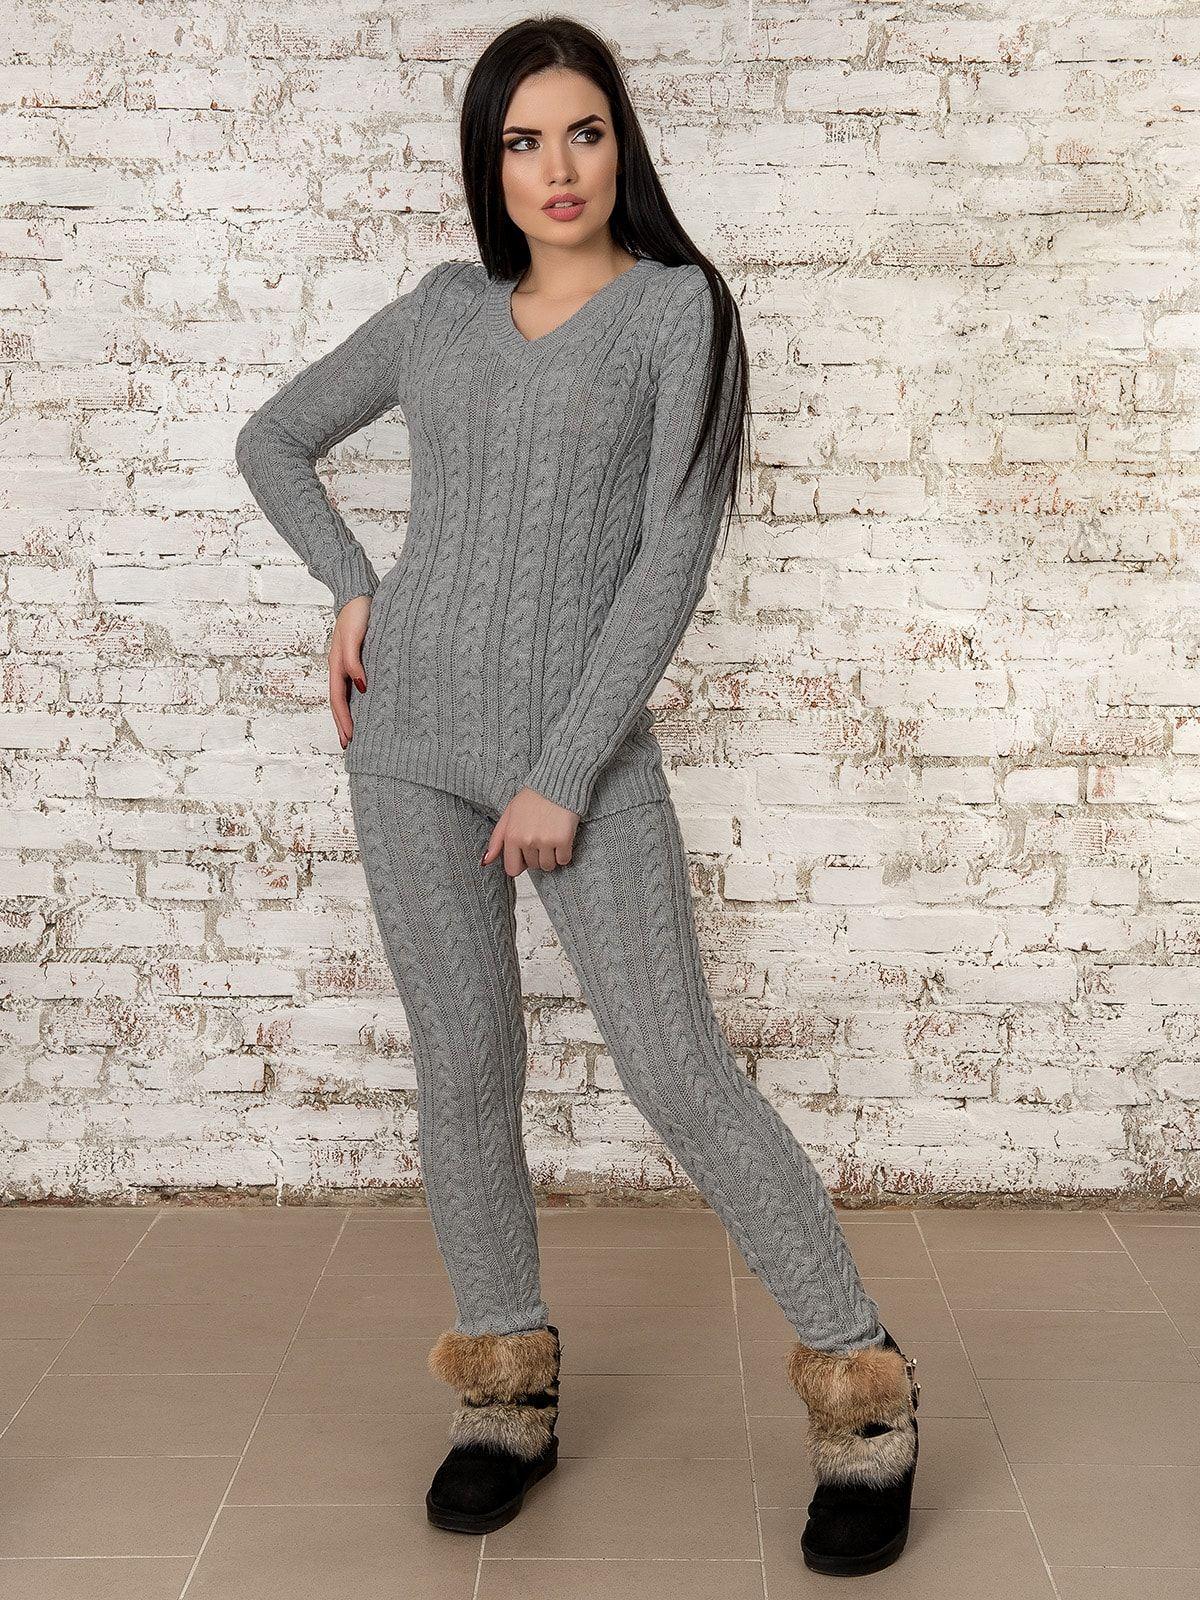 82947e60536 Акции и распродажи женской одежды от производителя в Украине